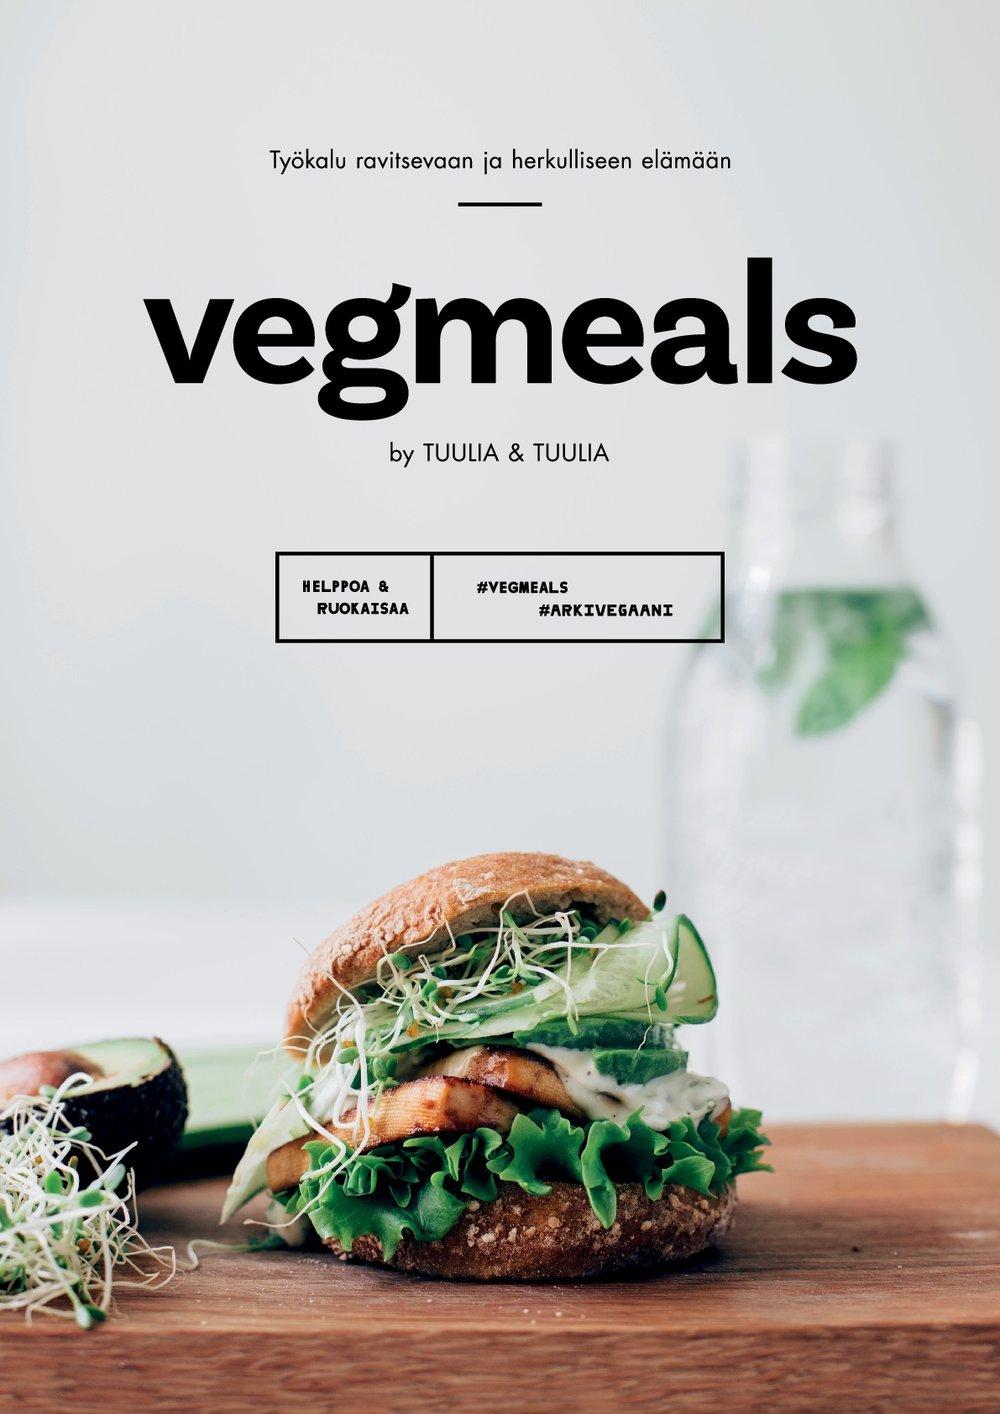 16 ateriaa &4 kauppalistaa – eli ravitsevat arkiruuat koko kuukaudelle! - PDF-ateriasuunnitelman hinta on 12.90€ (sis. alv). Voit ladata tiedoston heti oston jälkeen.